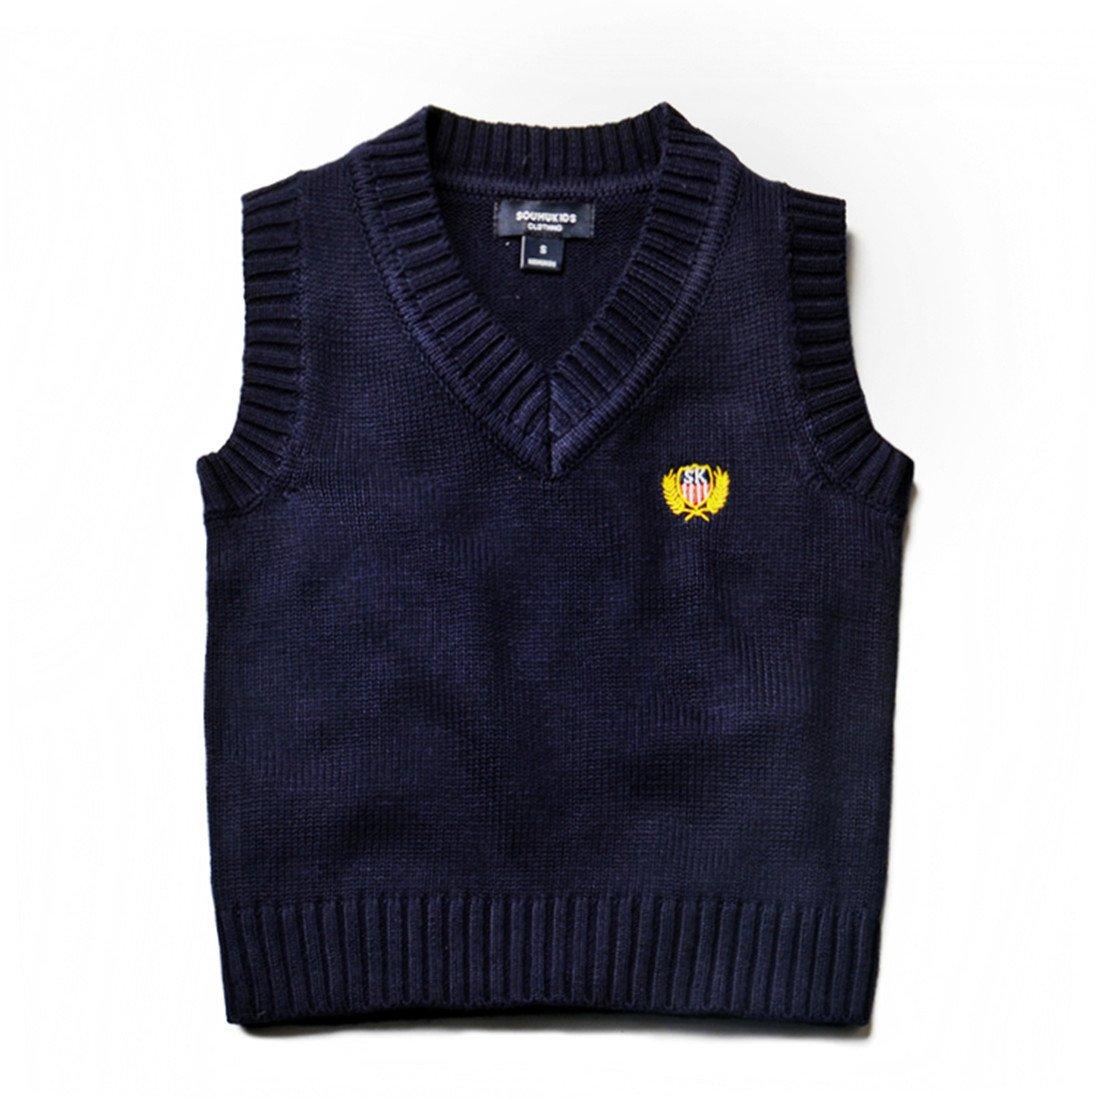 Kids Boys Knit Sweater Vest V-Neck Students Sweater Dark Blue 2T-7T SOUHUKIDS